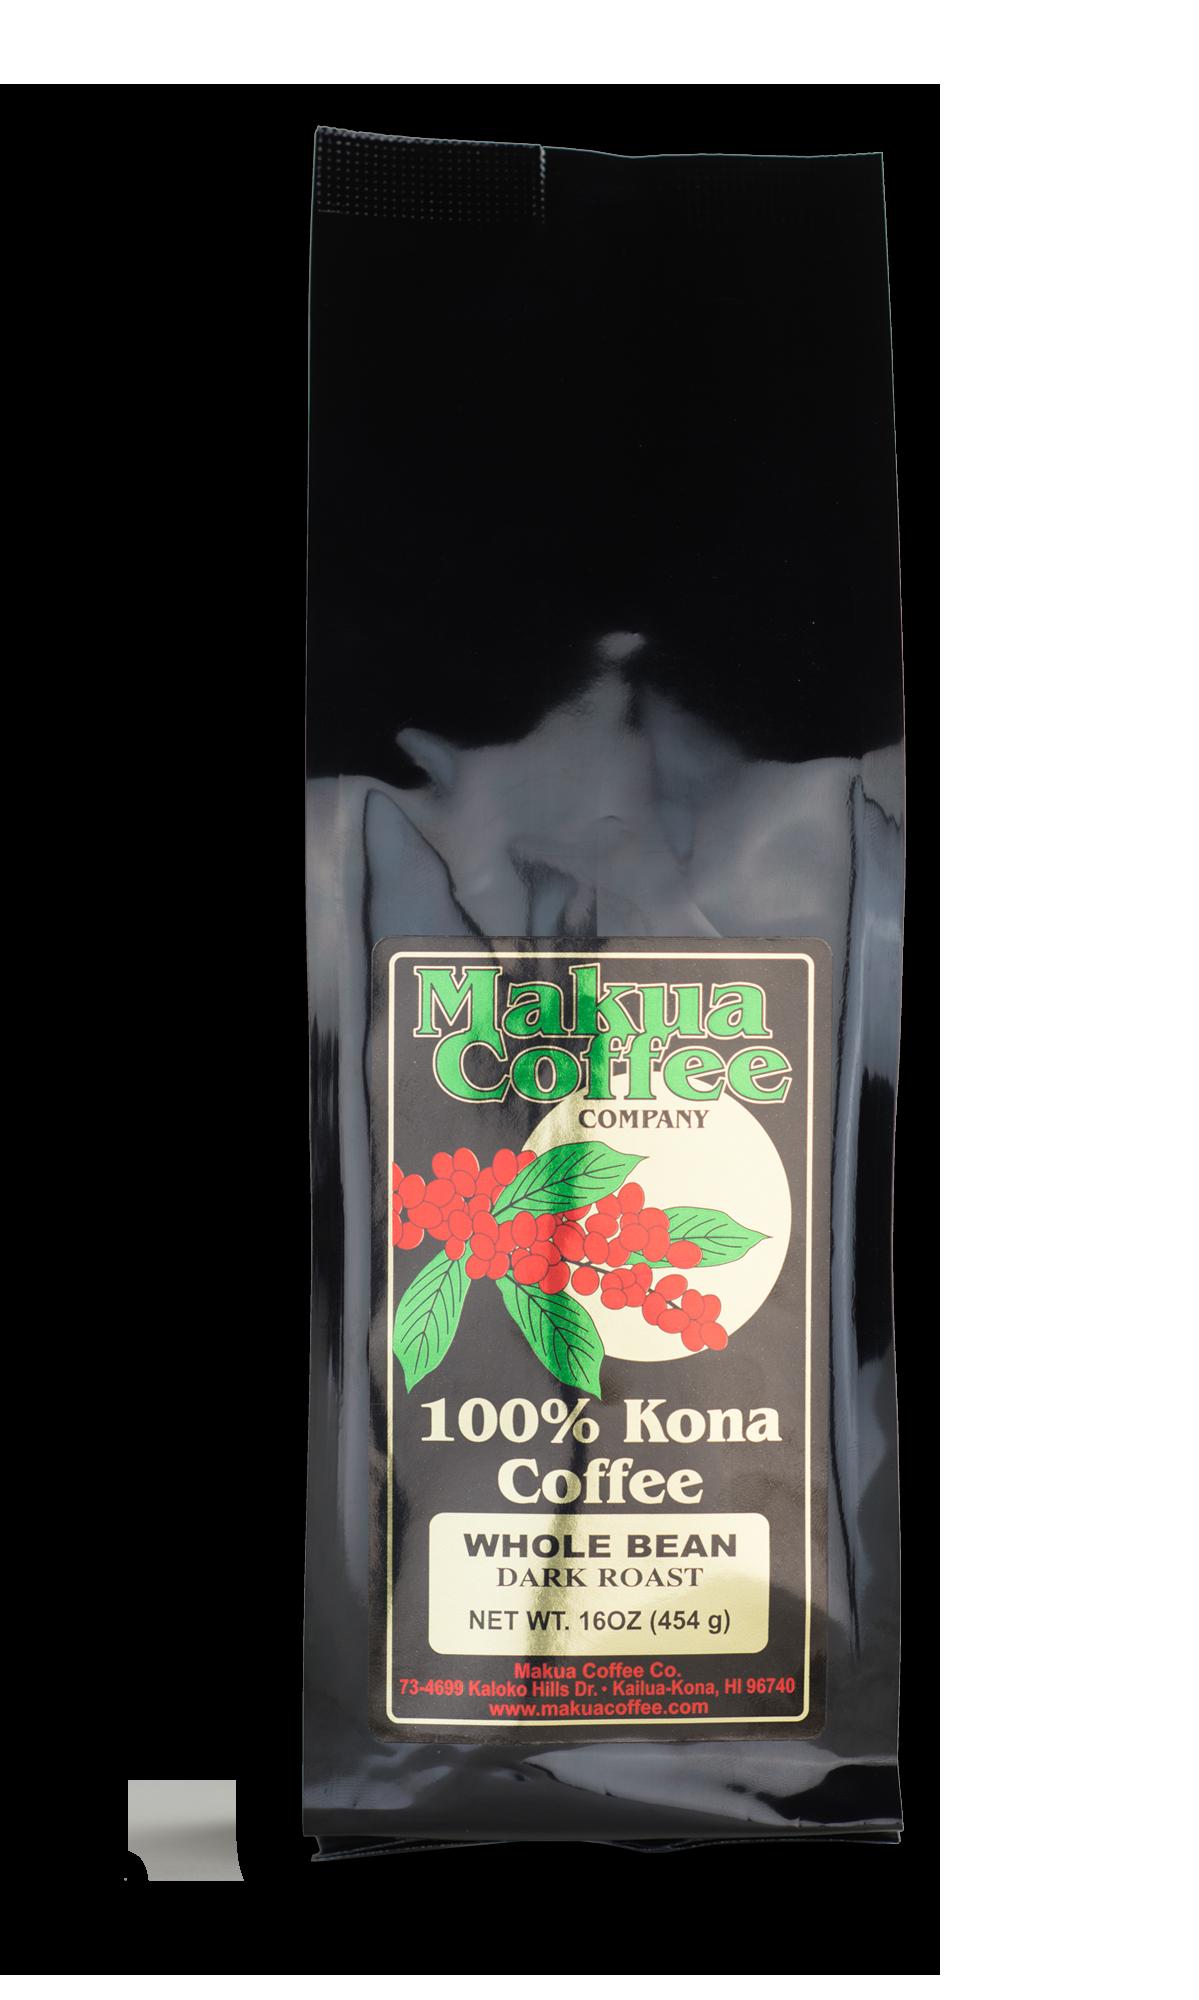 Makua Coffee Company 100% Kona Coffee Dark Roast Whole Bean 16 oz bag